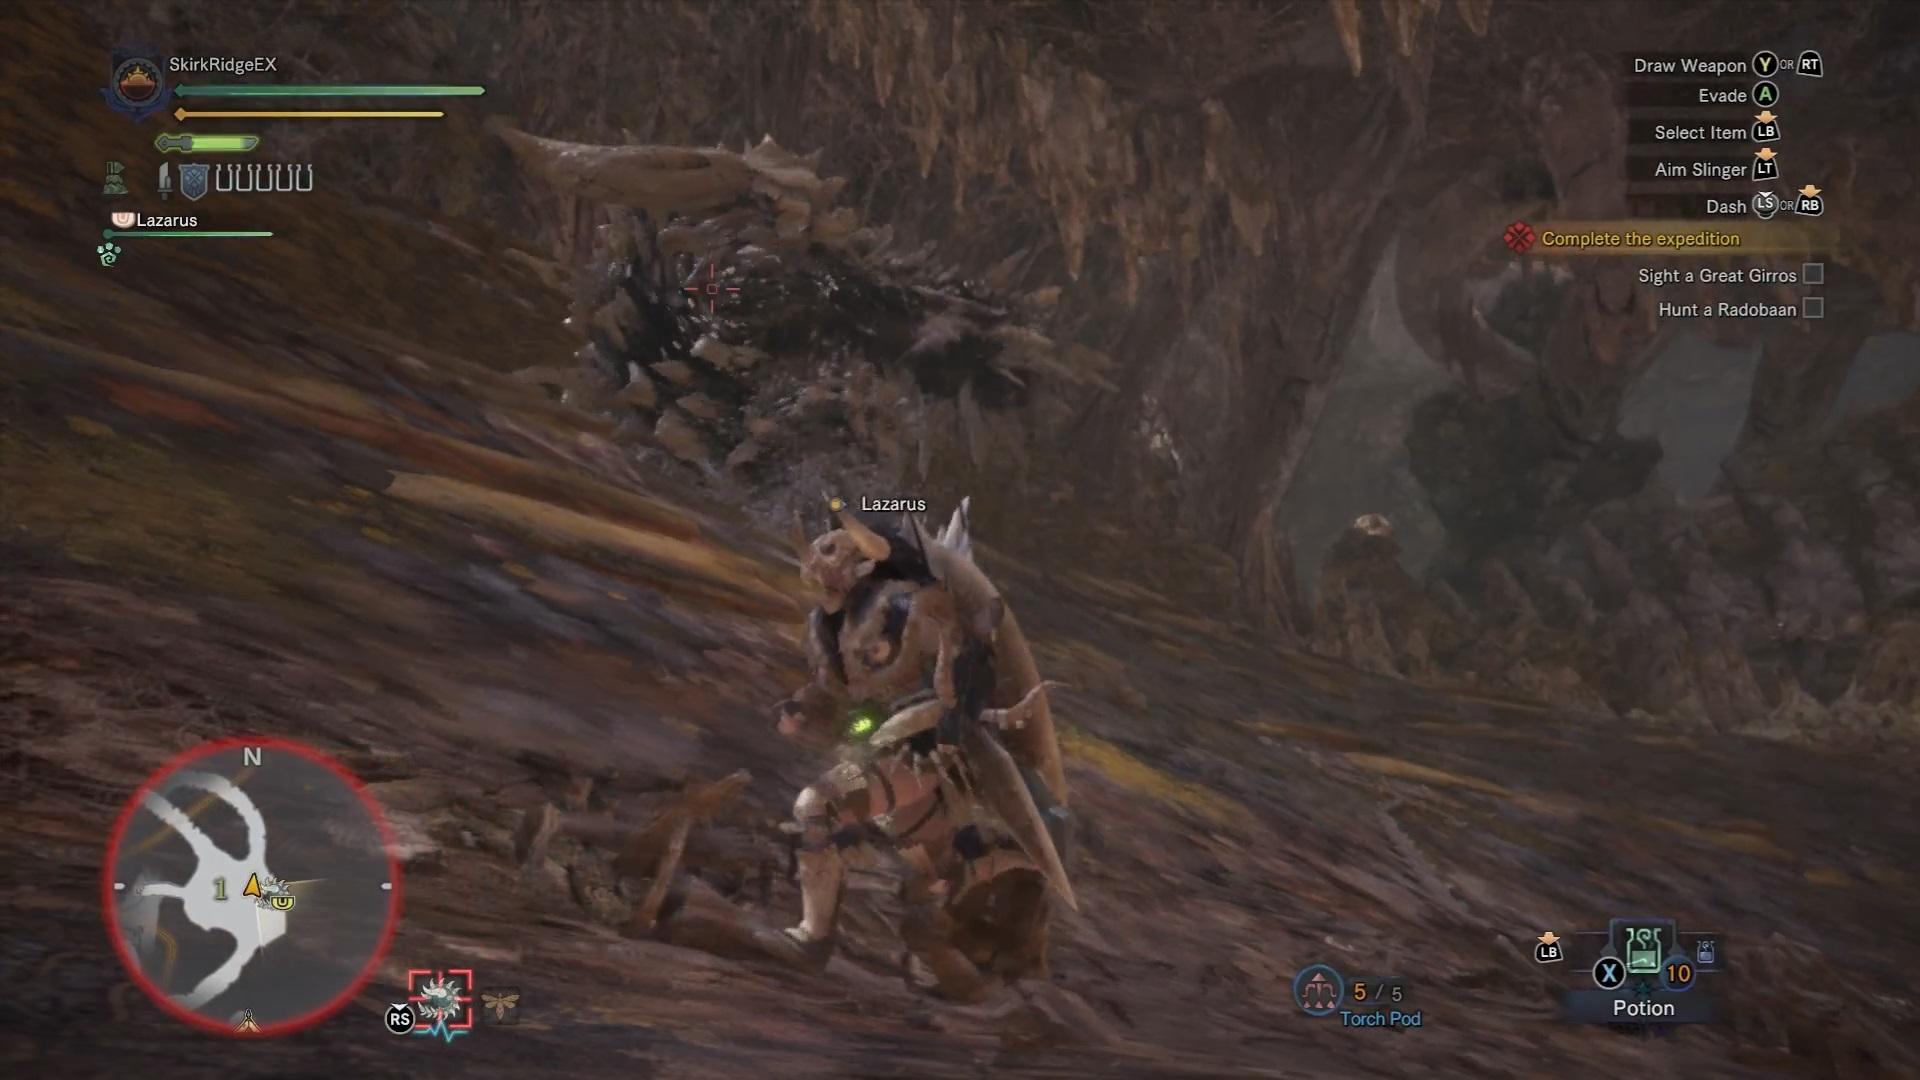 Radobaan using its rolling attack